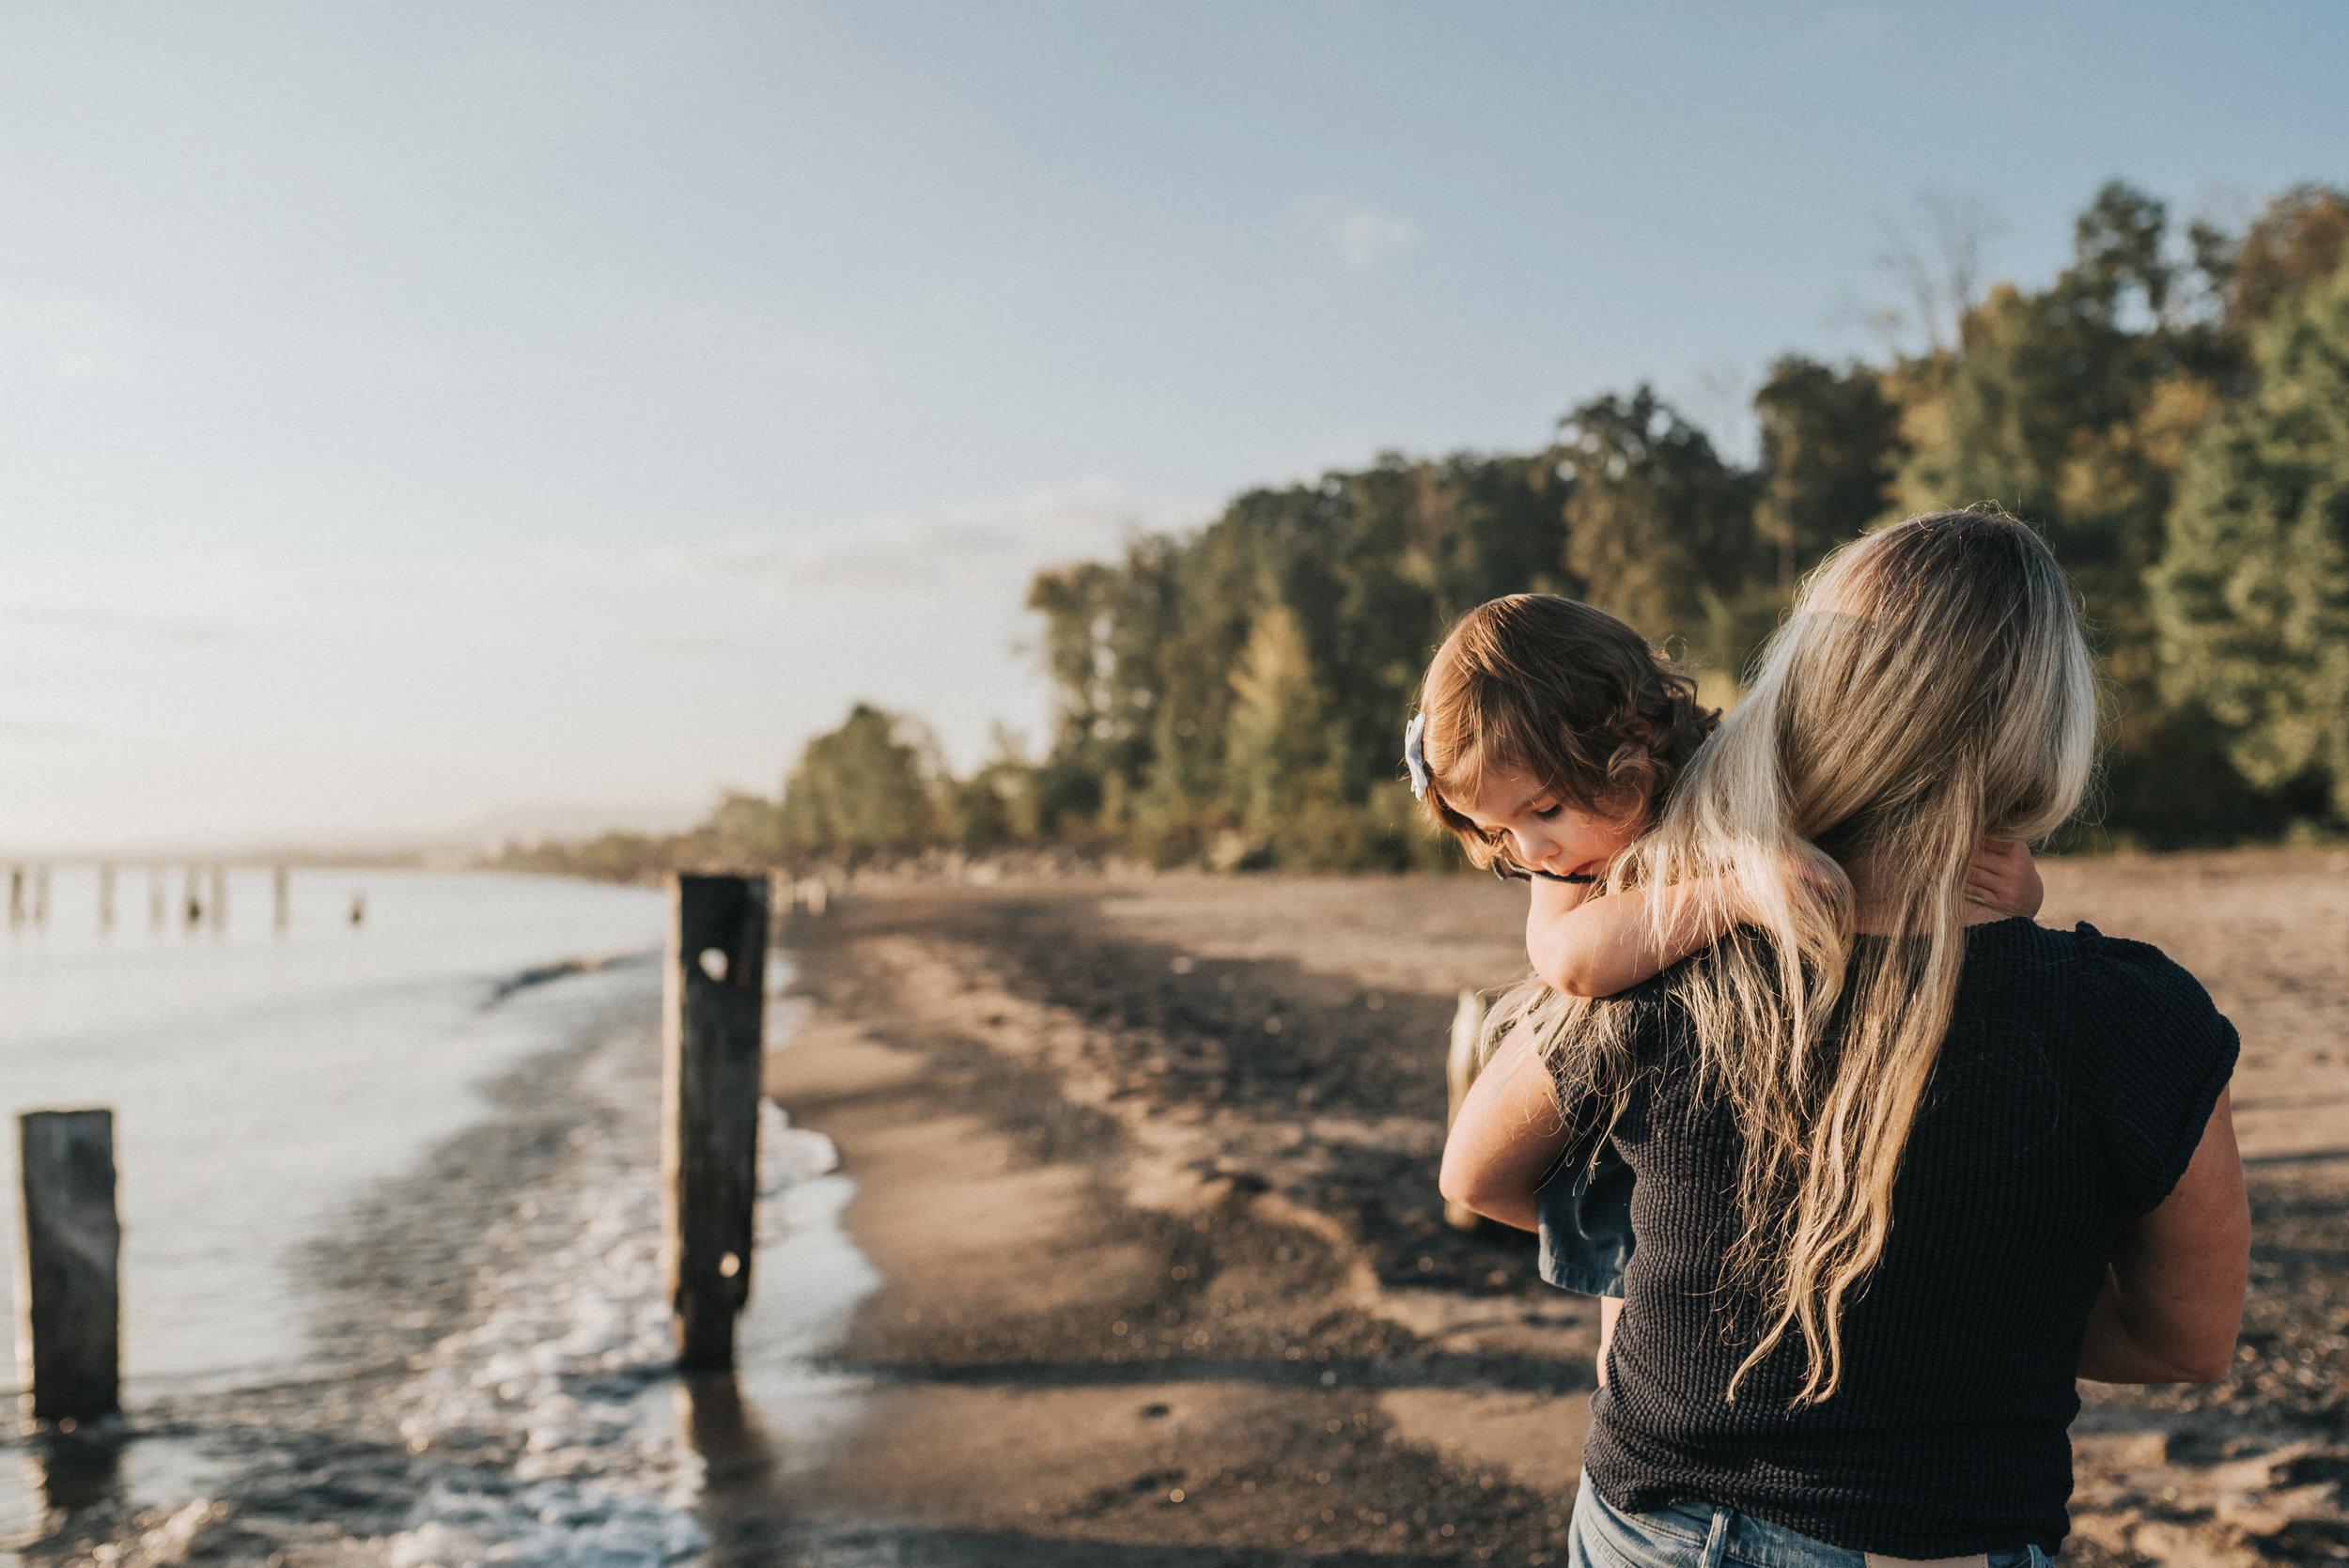 Grimsby-Hamilton-Niagara-Family-Photography-Beach-Session-Lifestyle-Photographer-a9.jpg